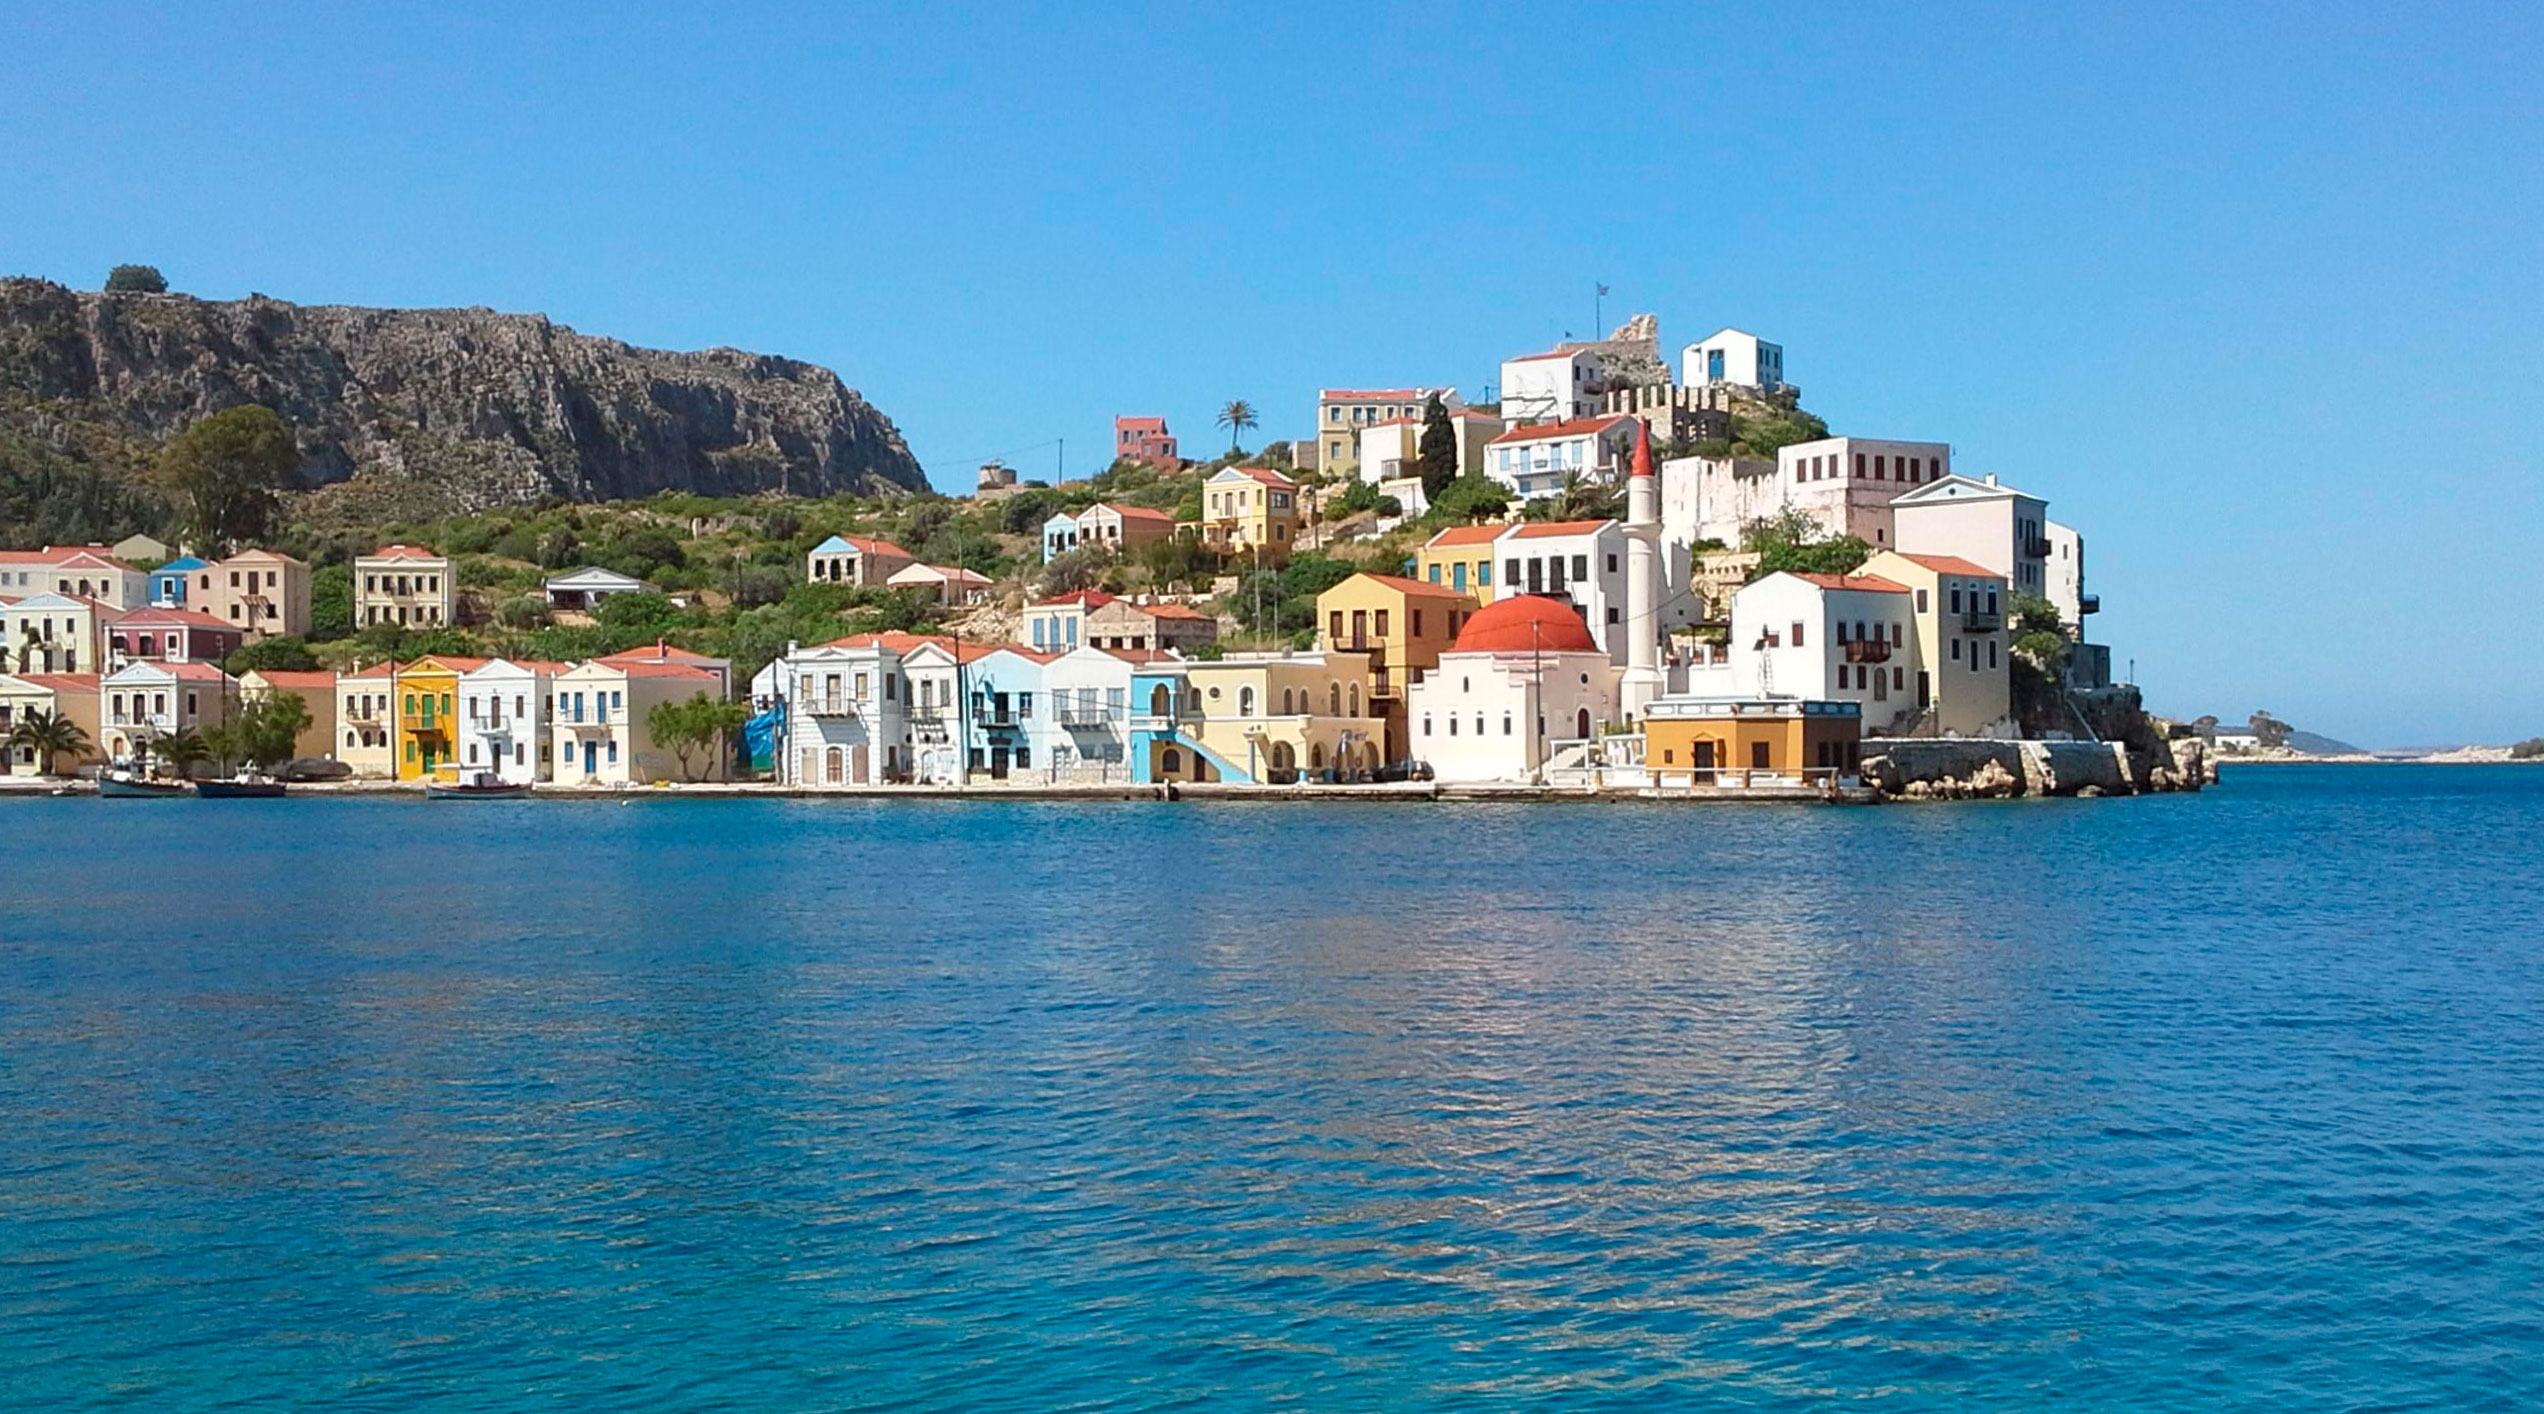 греческий остров Кастелоризо – без визы в 2019 году